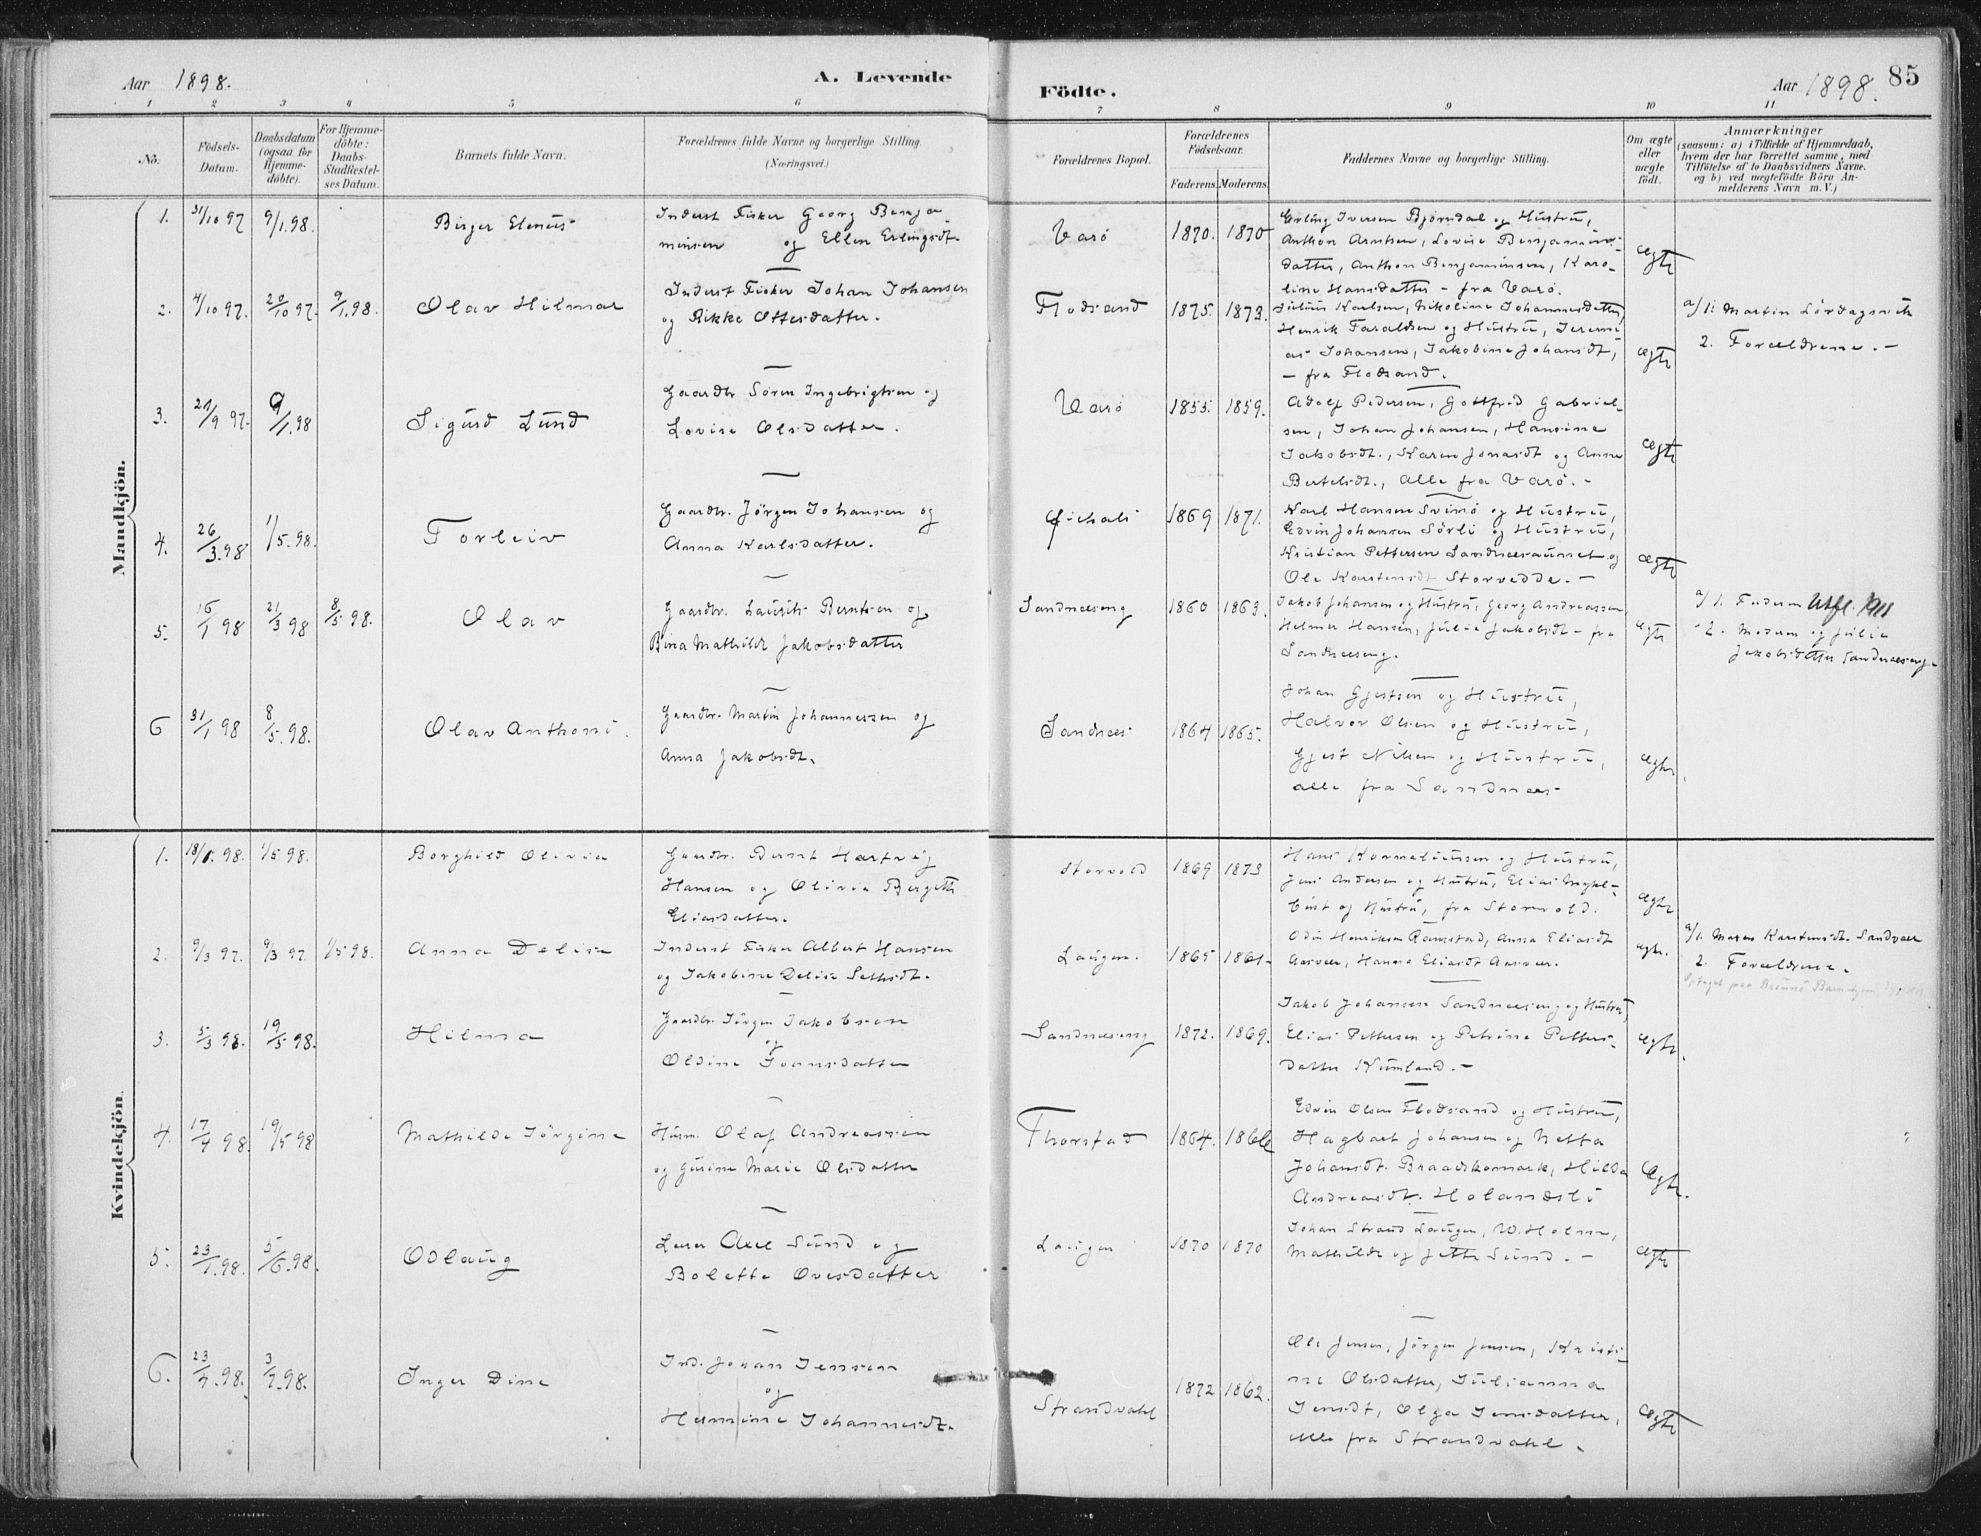 SAT, Ministerialprotokoller, klokkerbøker og fødselsregistre - Nord-Trøndelag, 784/L0673: Ministerialbok nr. 784A08, 1888-1899, s. 85